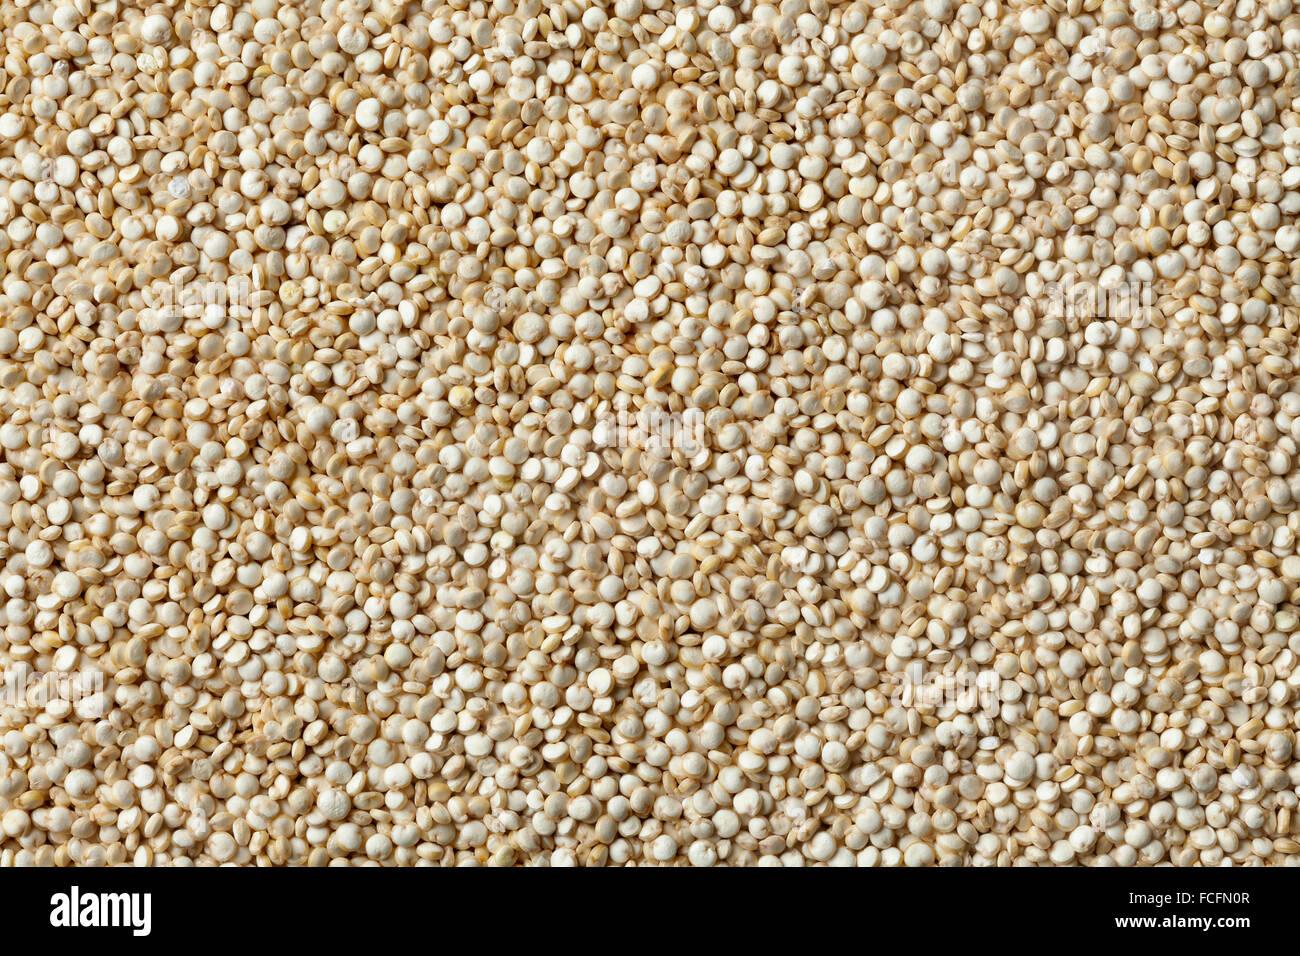 Materie di Quinoa semi telaio completo Immagini Stock